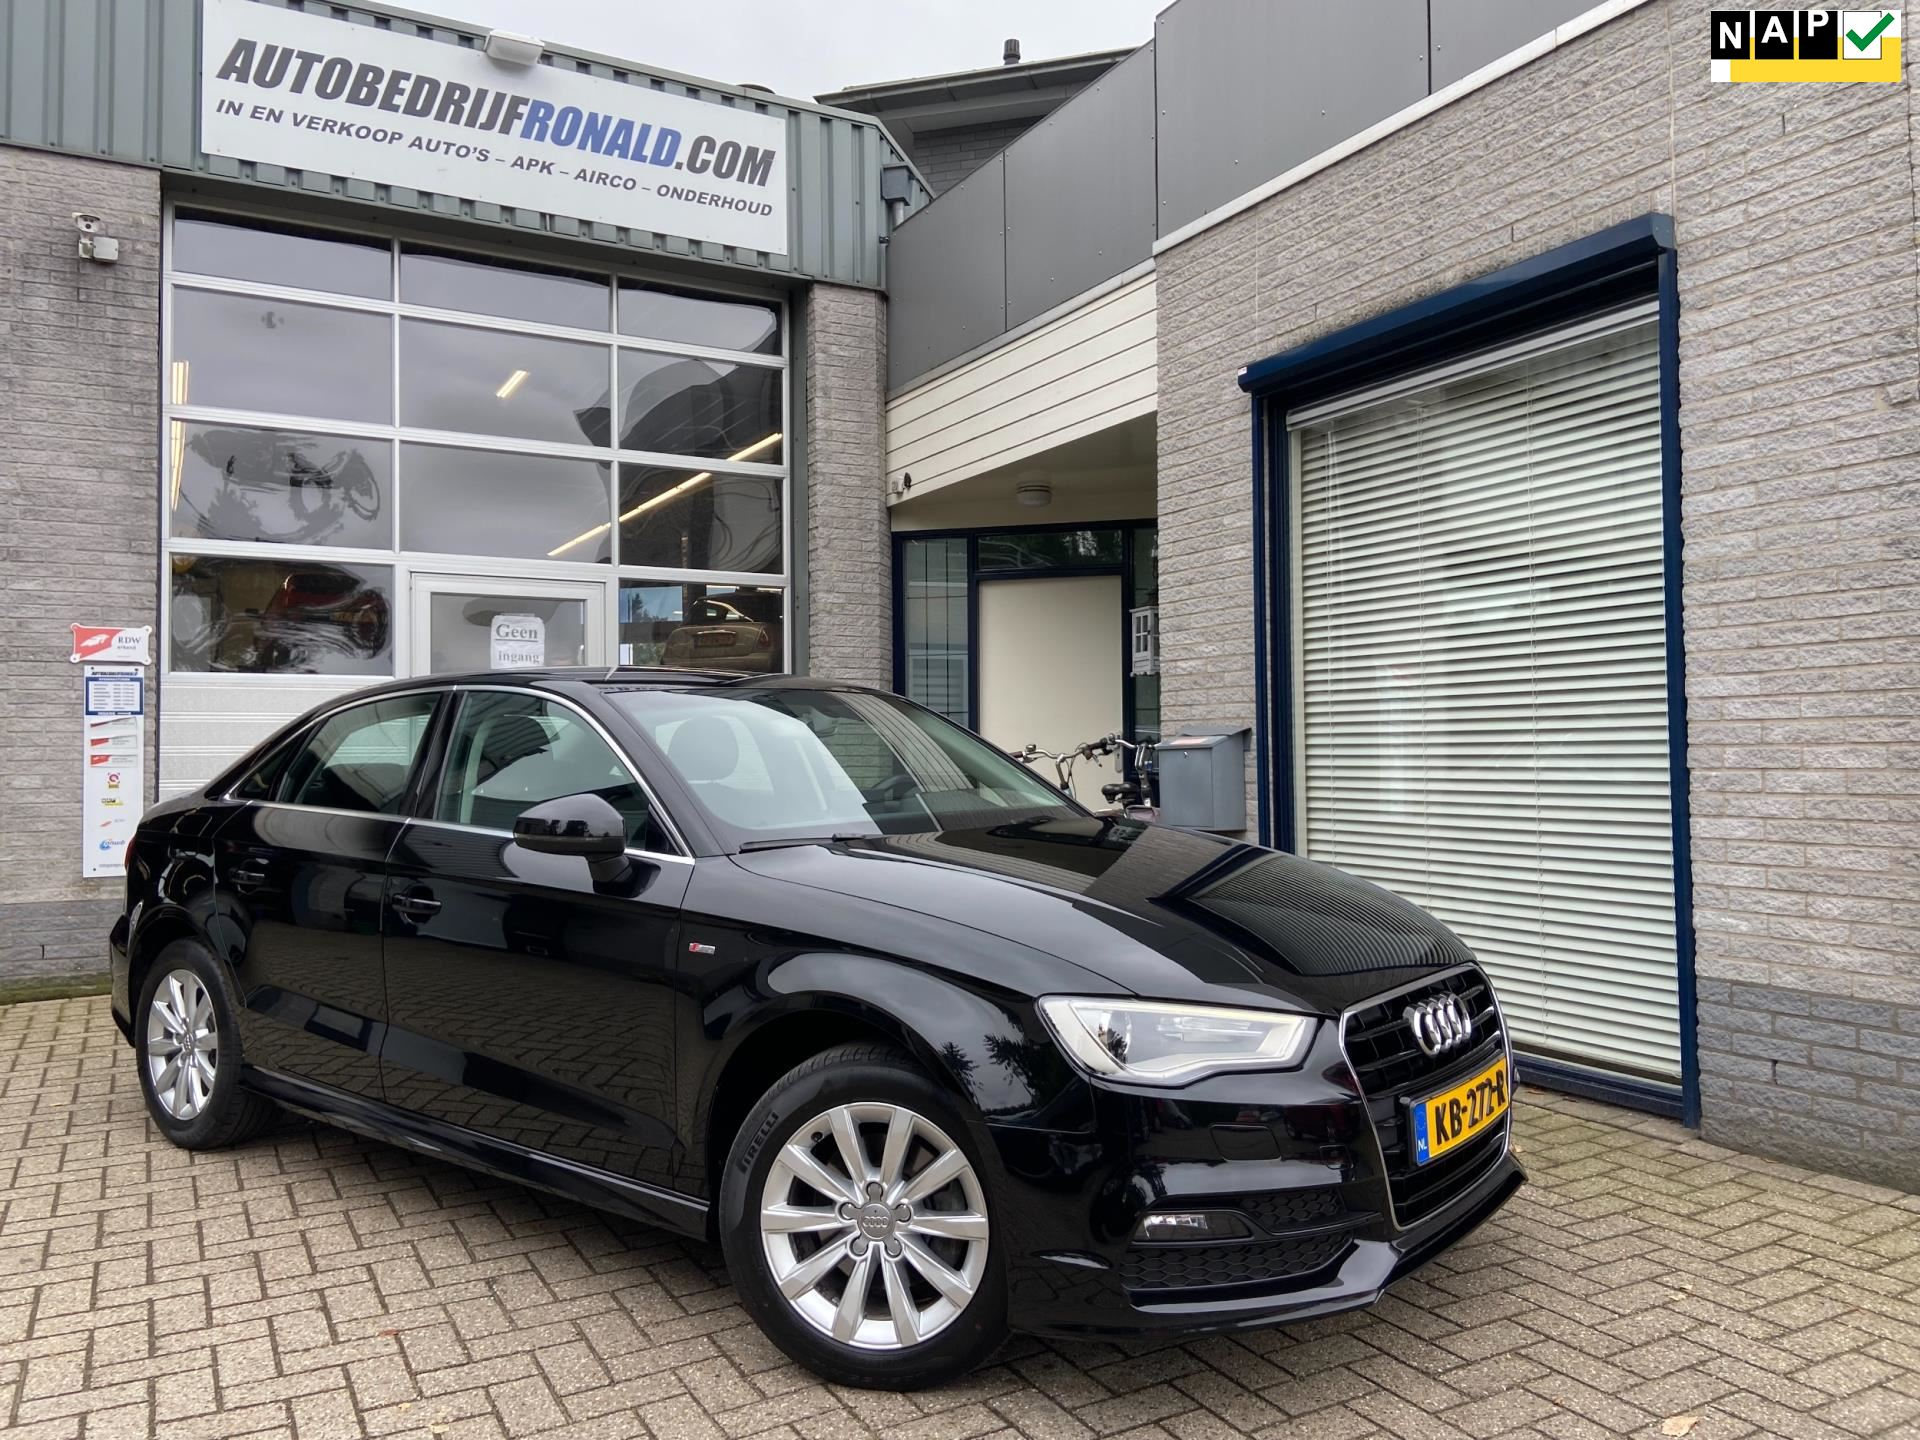 Audi A3 Limousine occasion - Autobedrijf Ronald